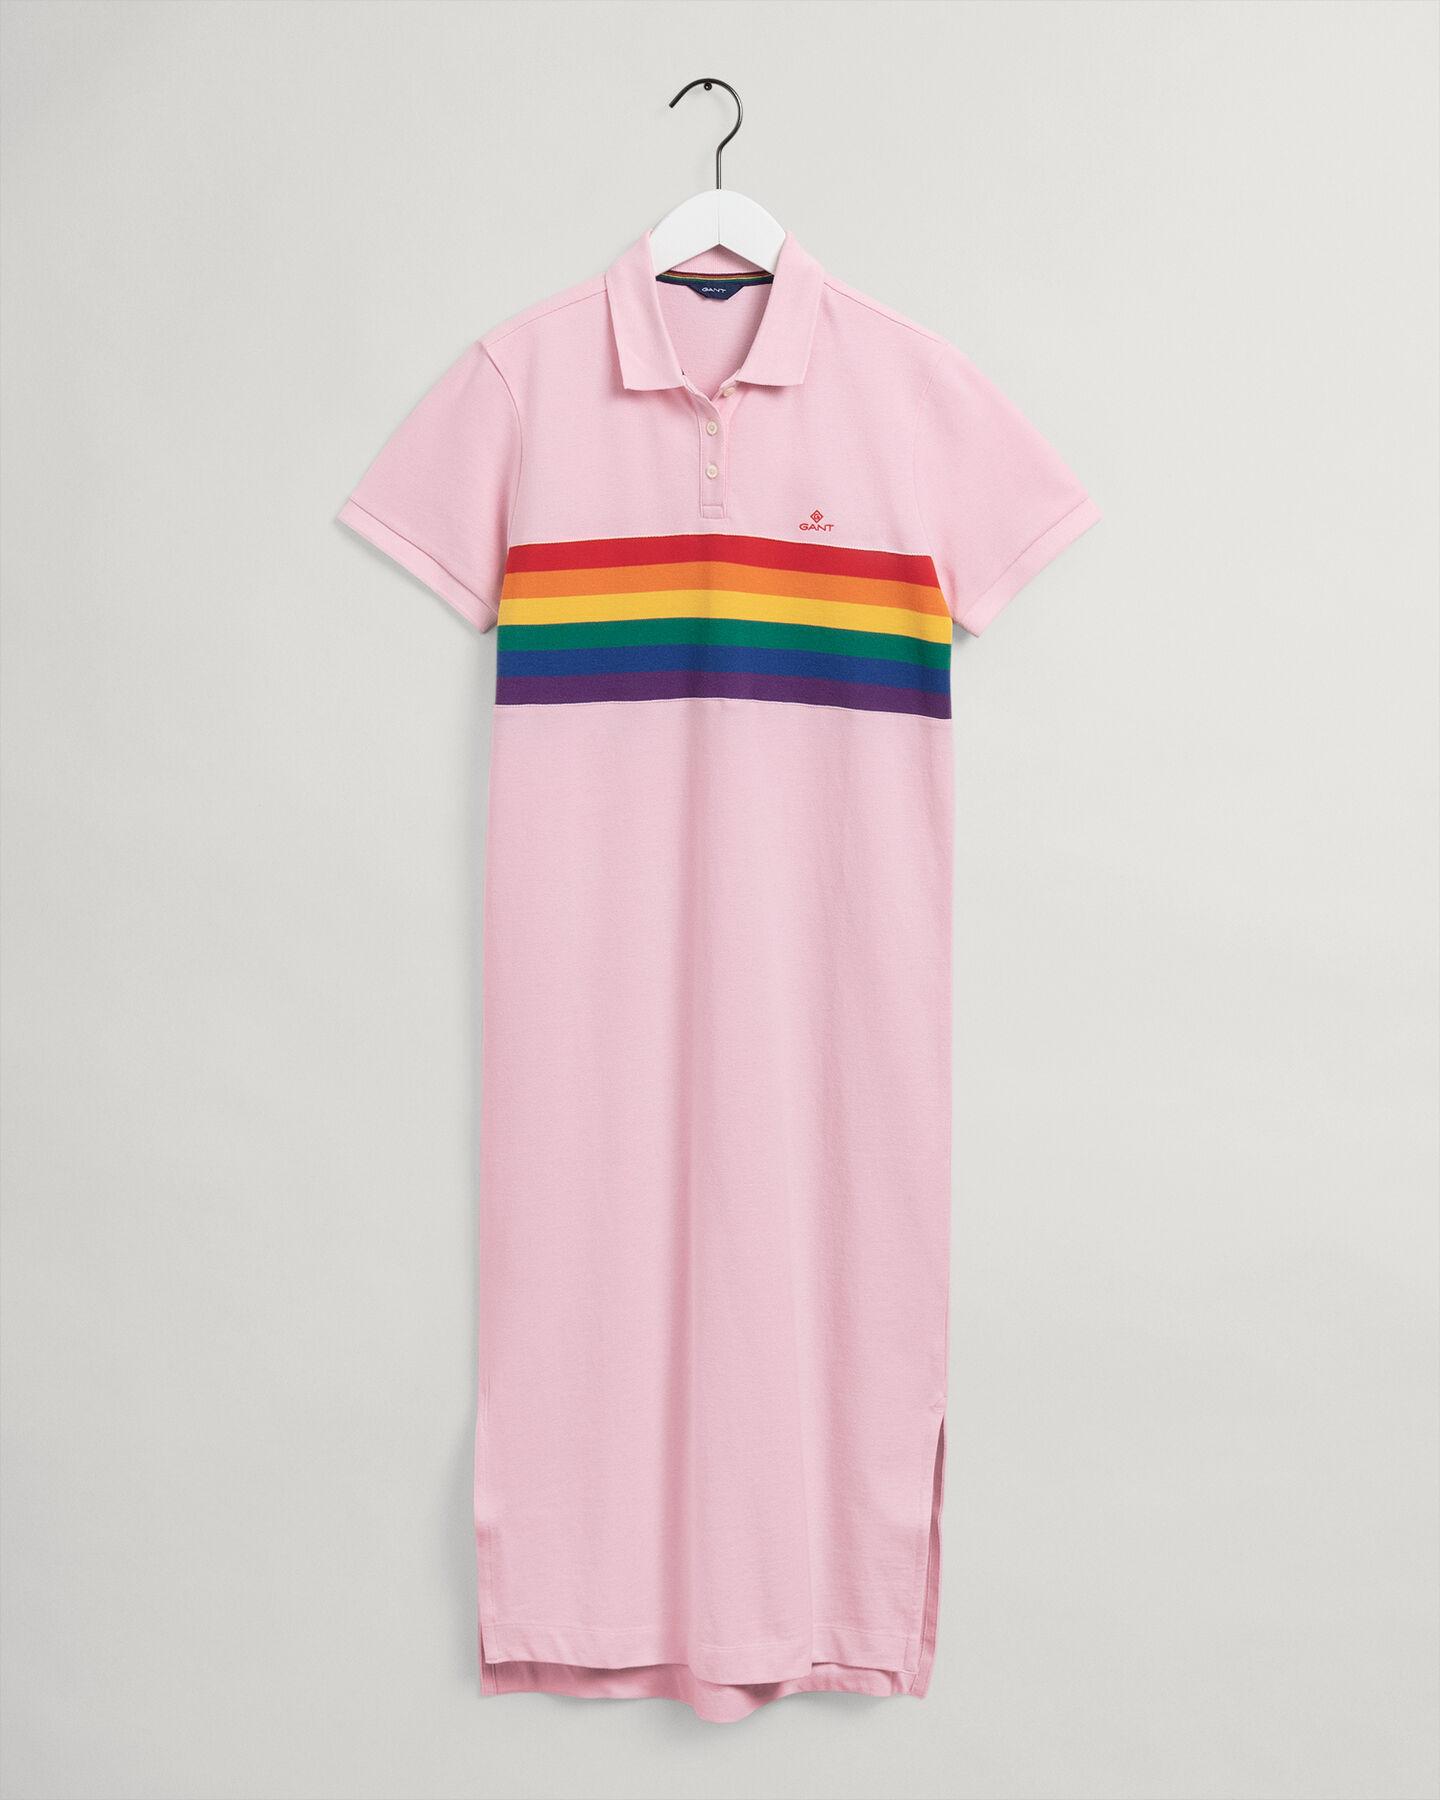 Pride Rugger pikéklänning